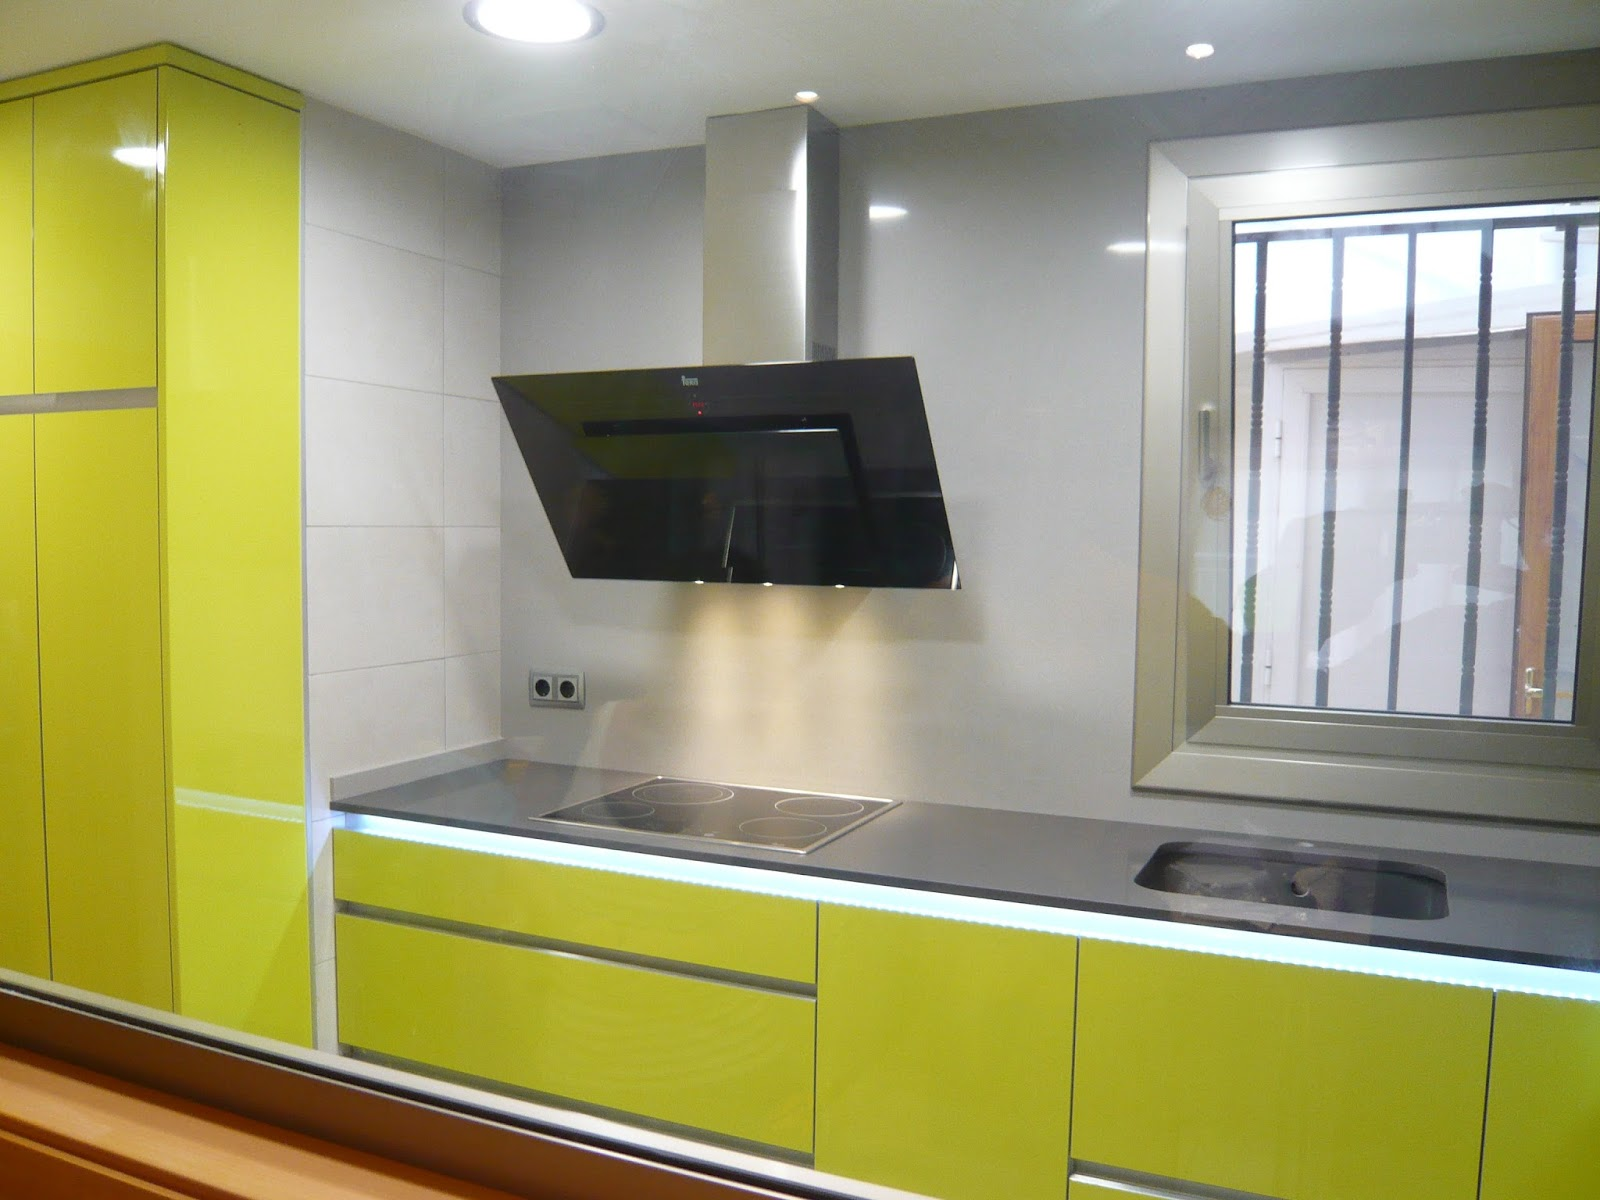 Reuscuina mueble de cocina verde pistacho sin tiradores for Muebles de cocina nectali